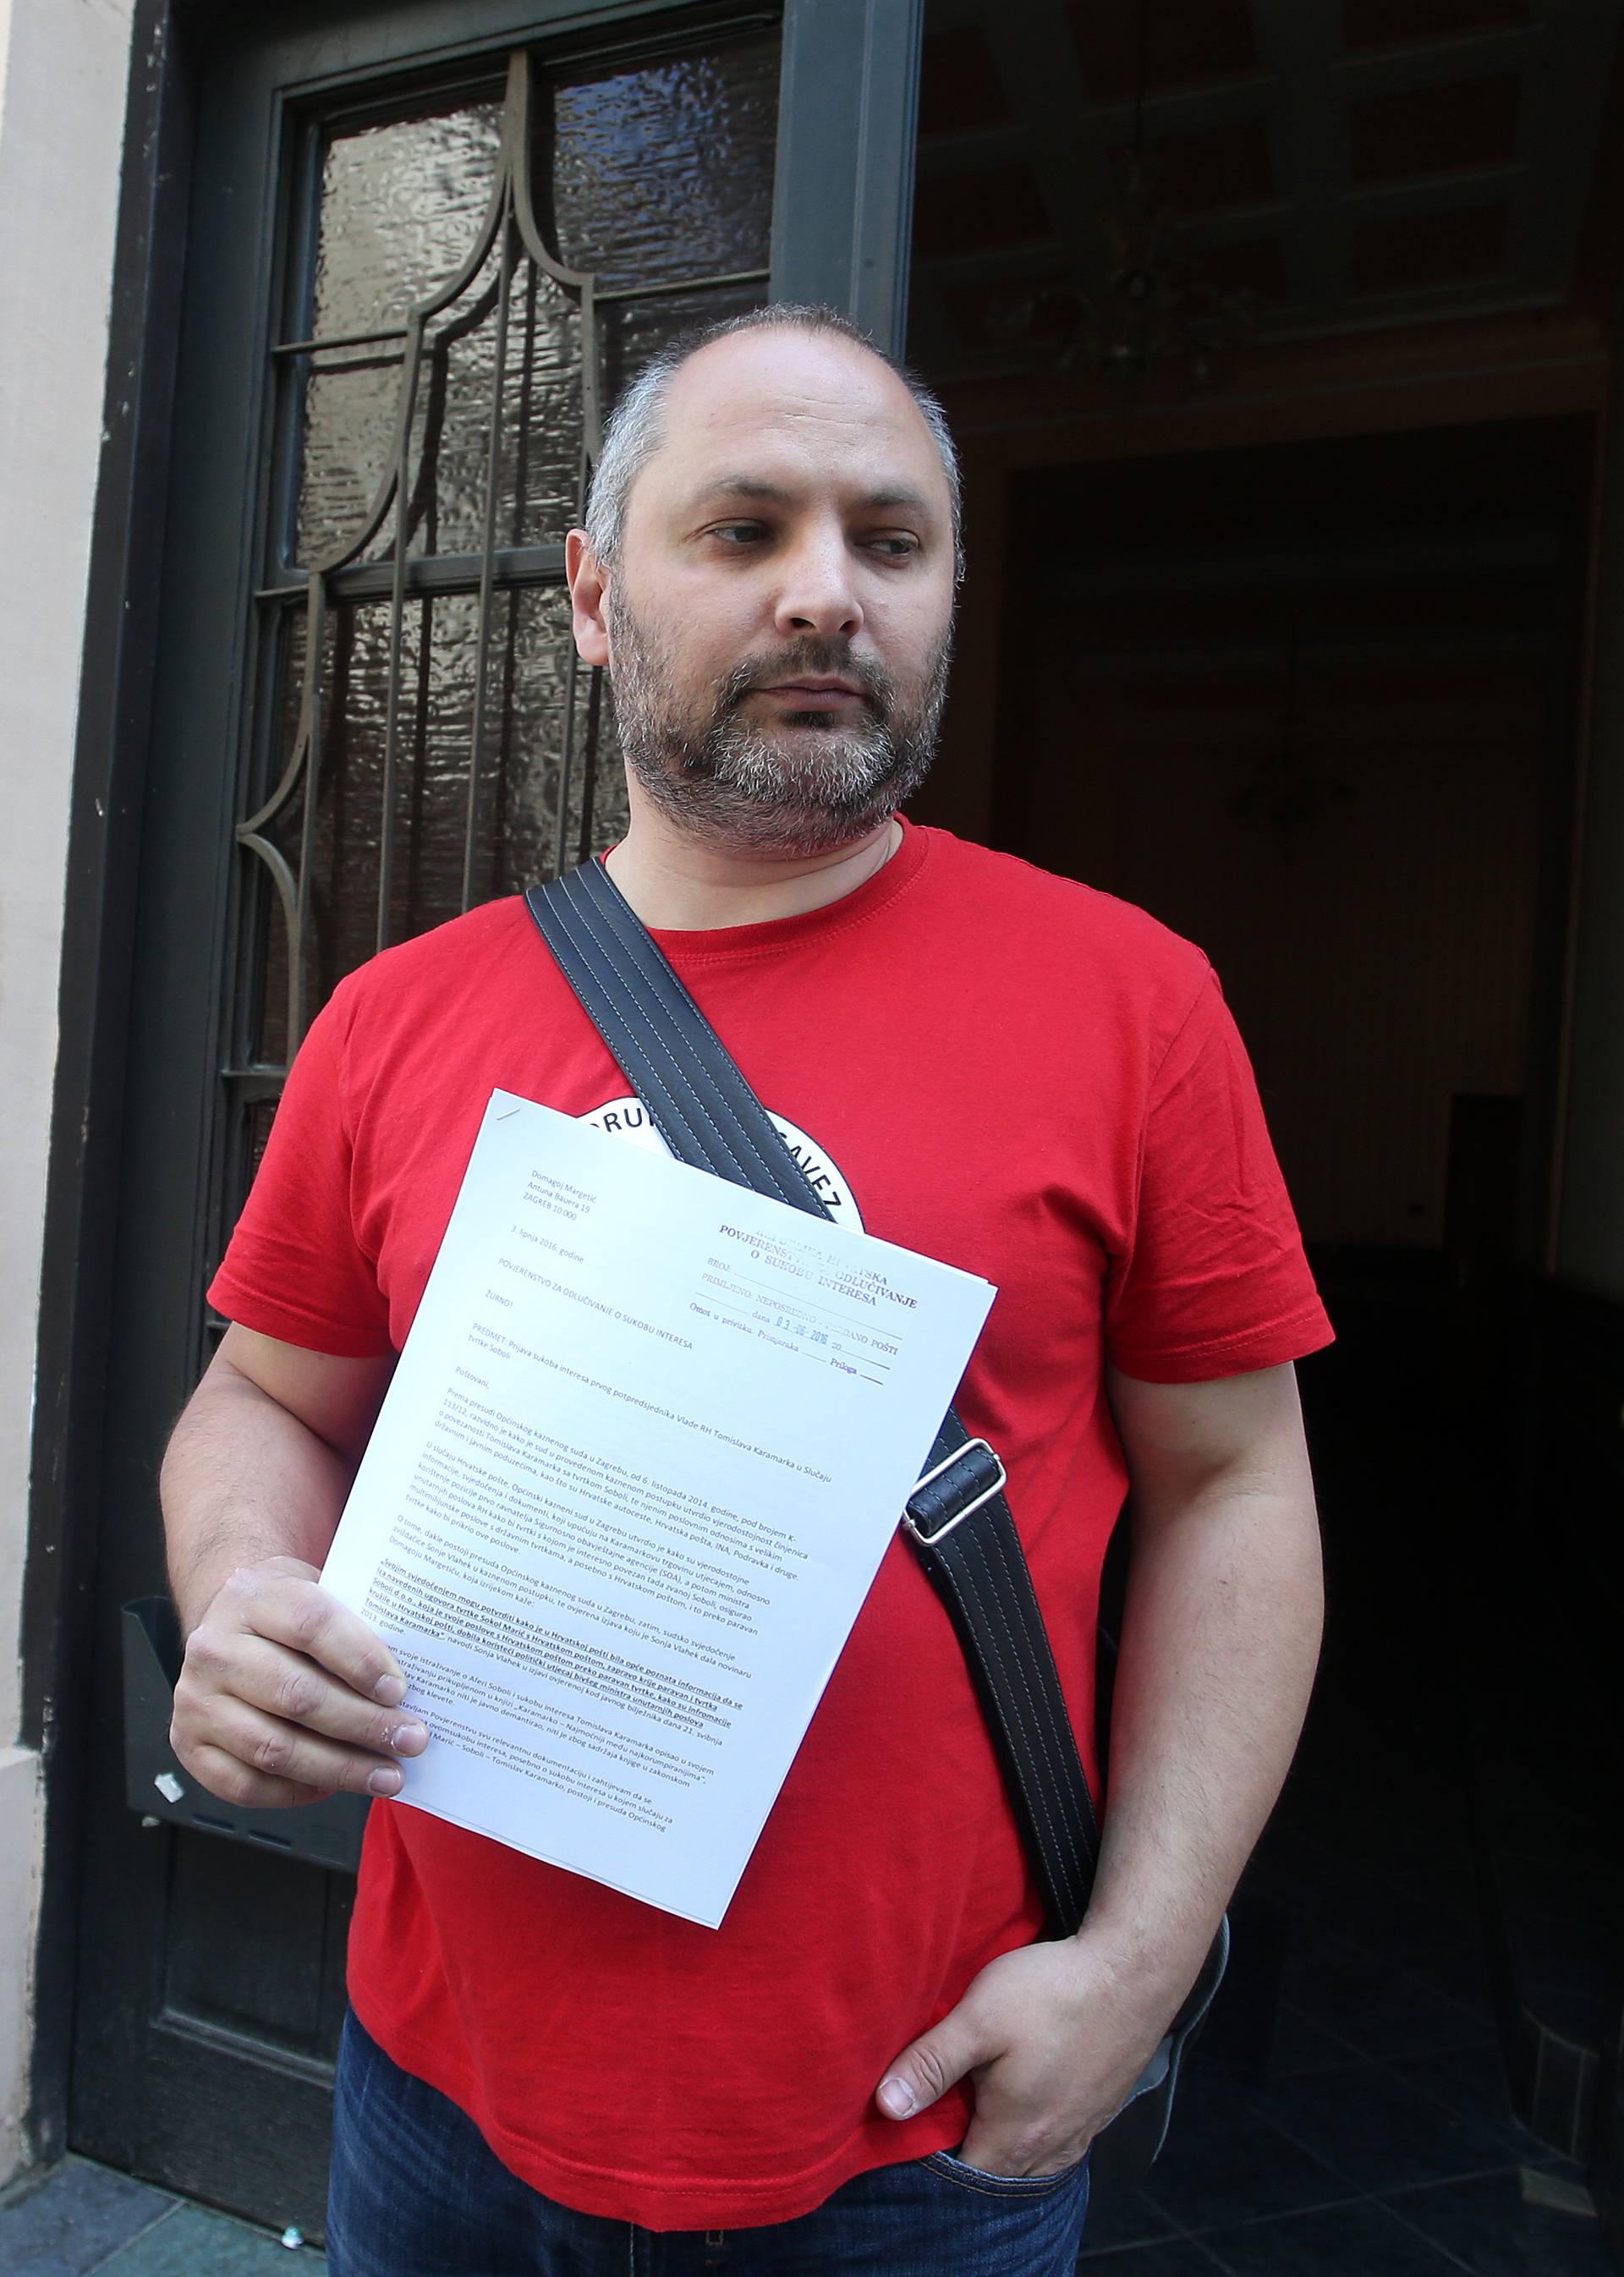 'Domagoj Margetić je napadnut  i pretučen u središtu Zagreba'